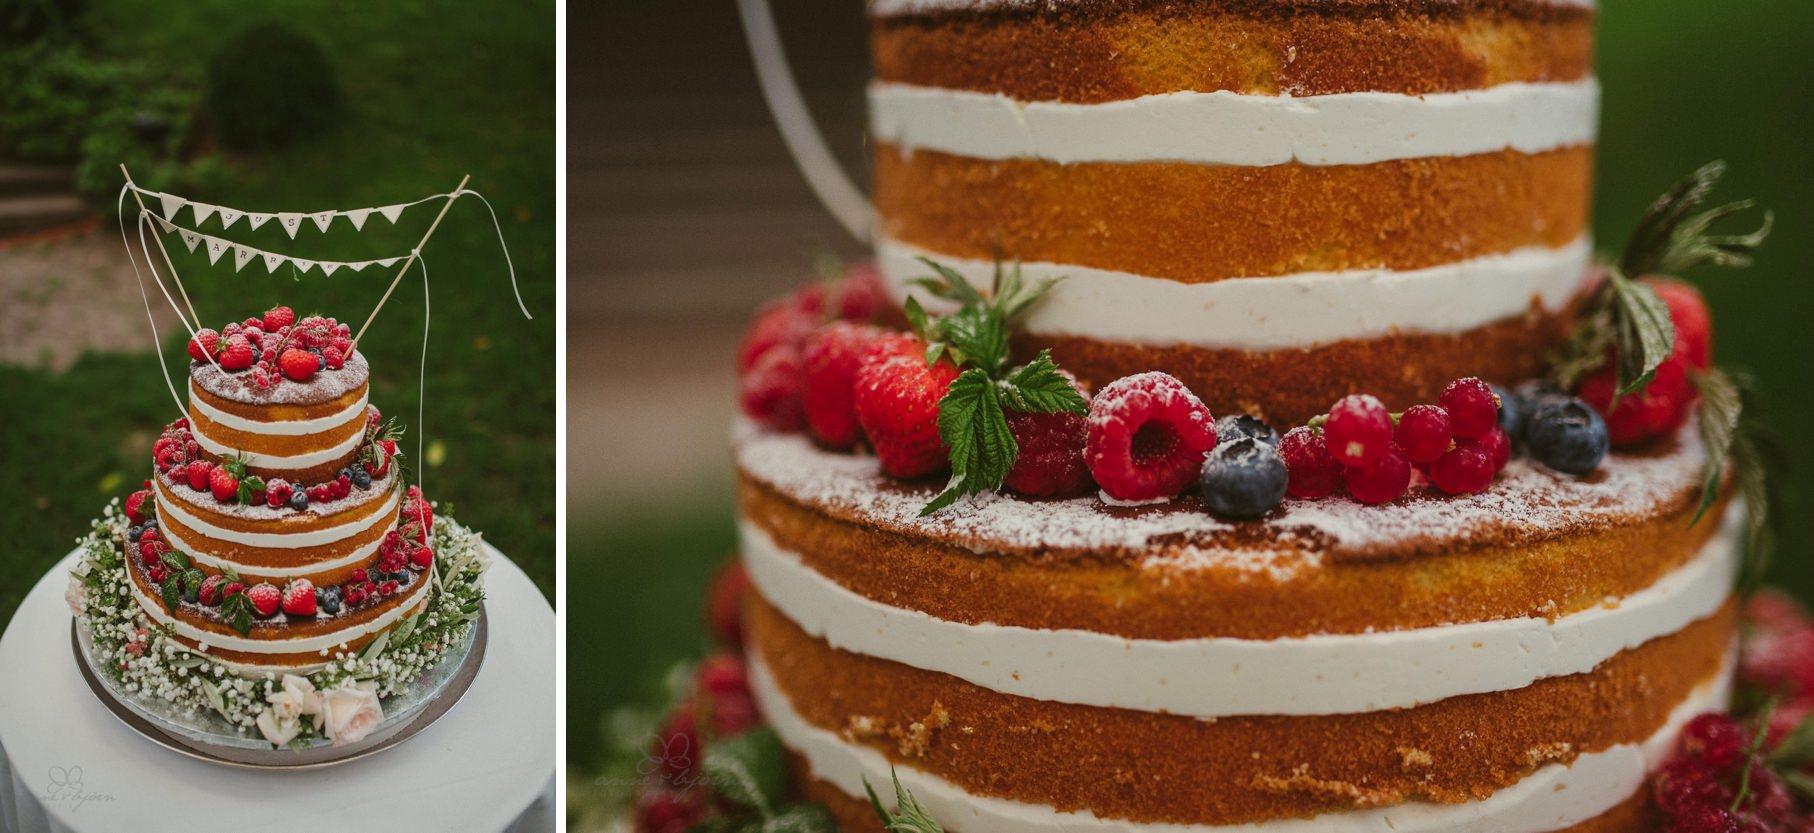 0130 anne und bjoern hochzeit schweiz d75 2199 - DIY Hochzeit in der Schweiz - Sabrina & Christoph